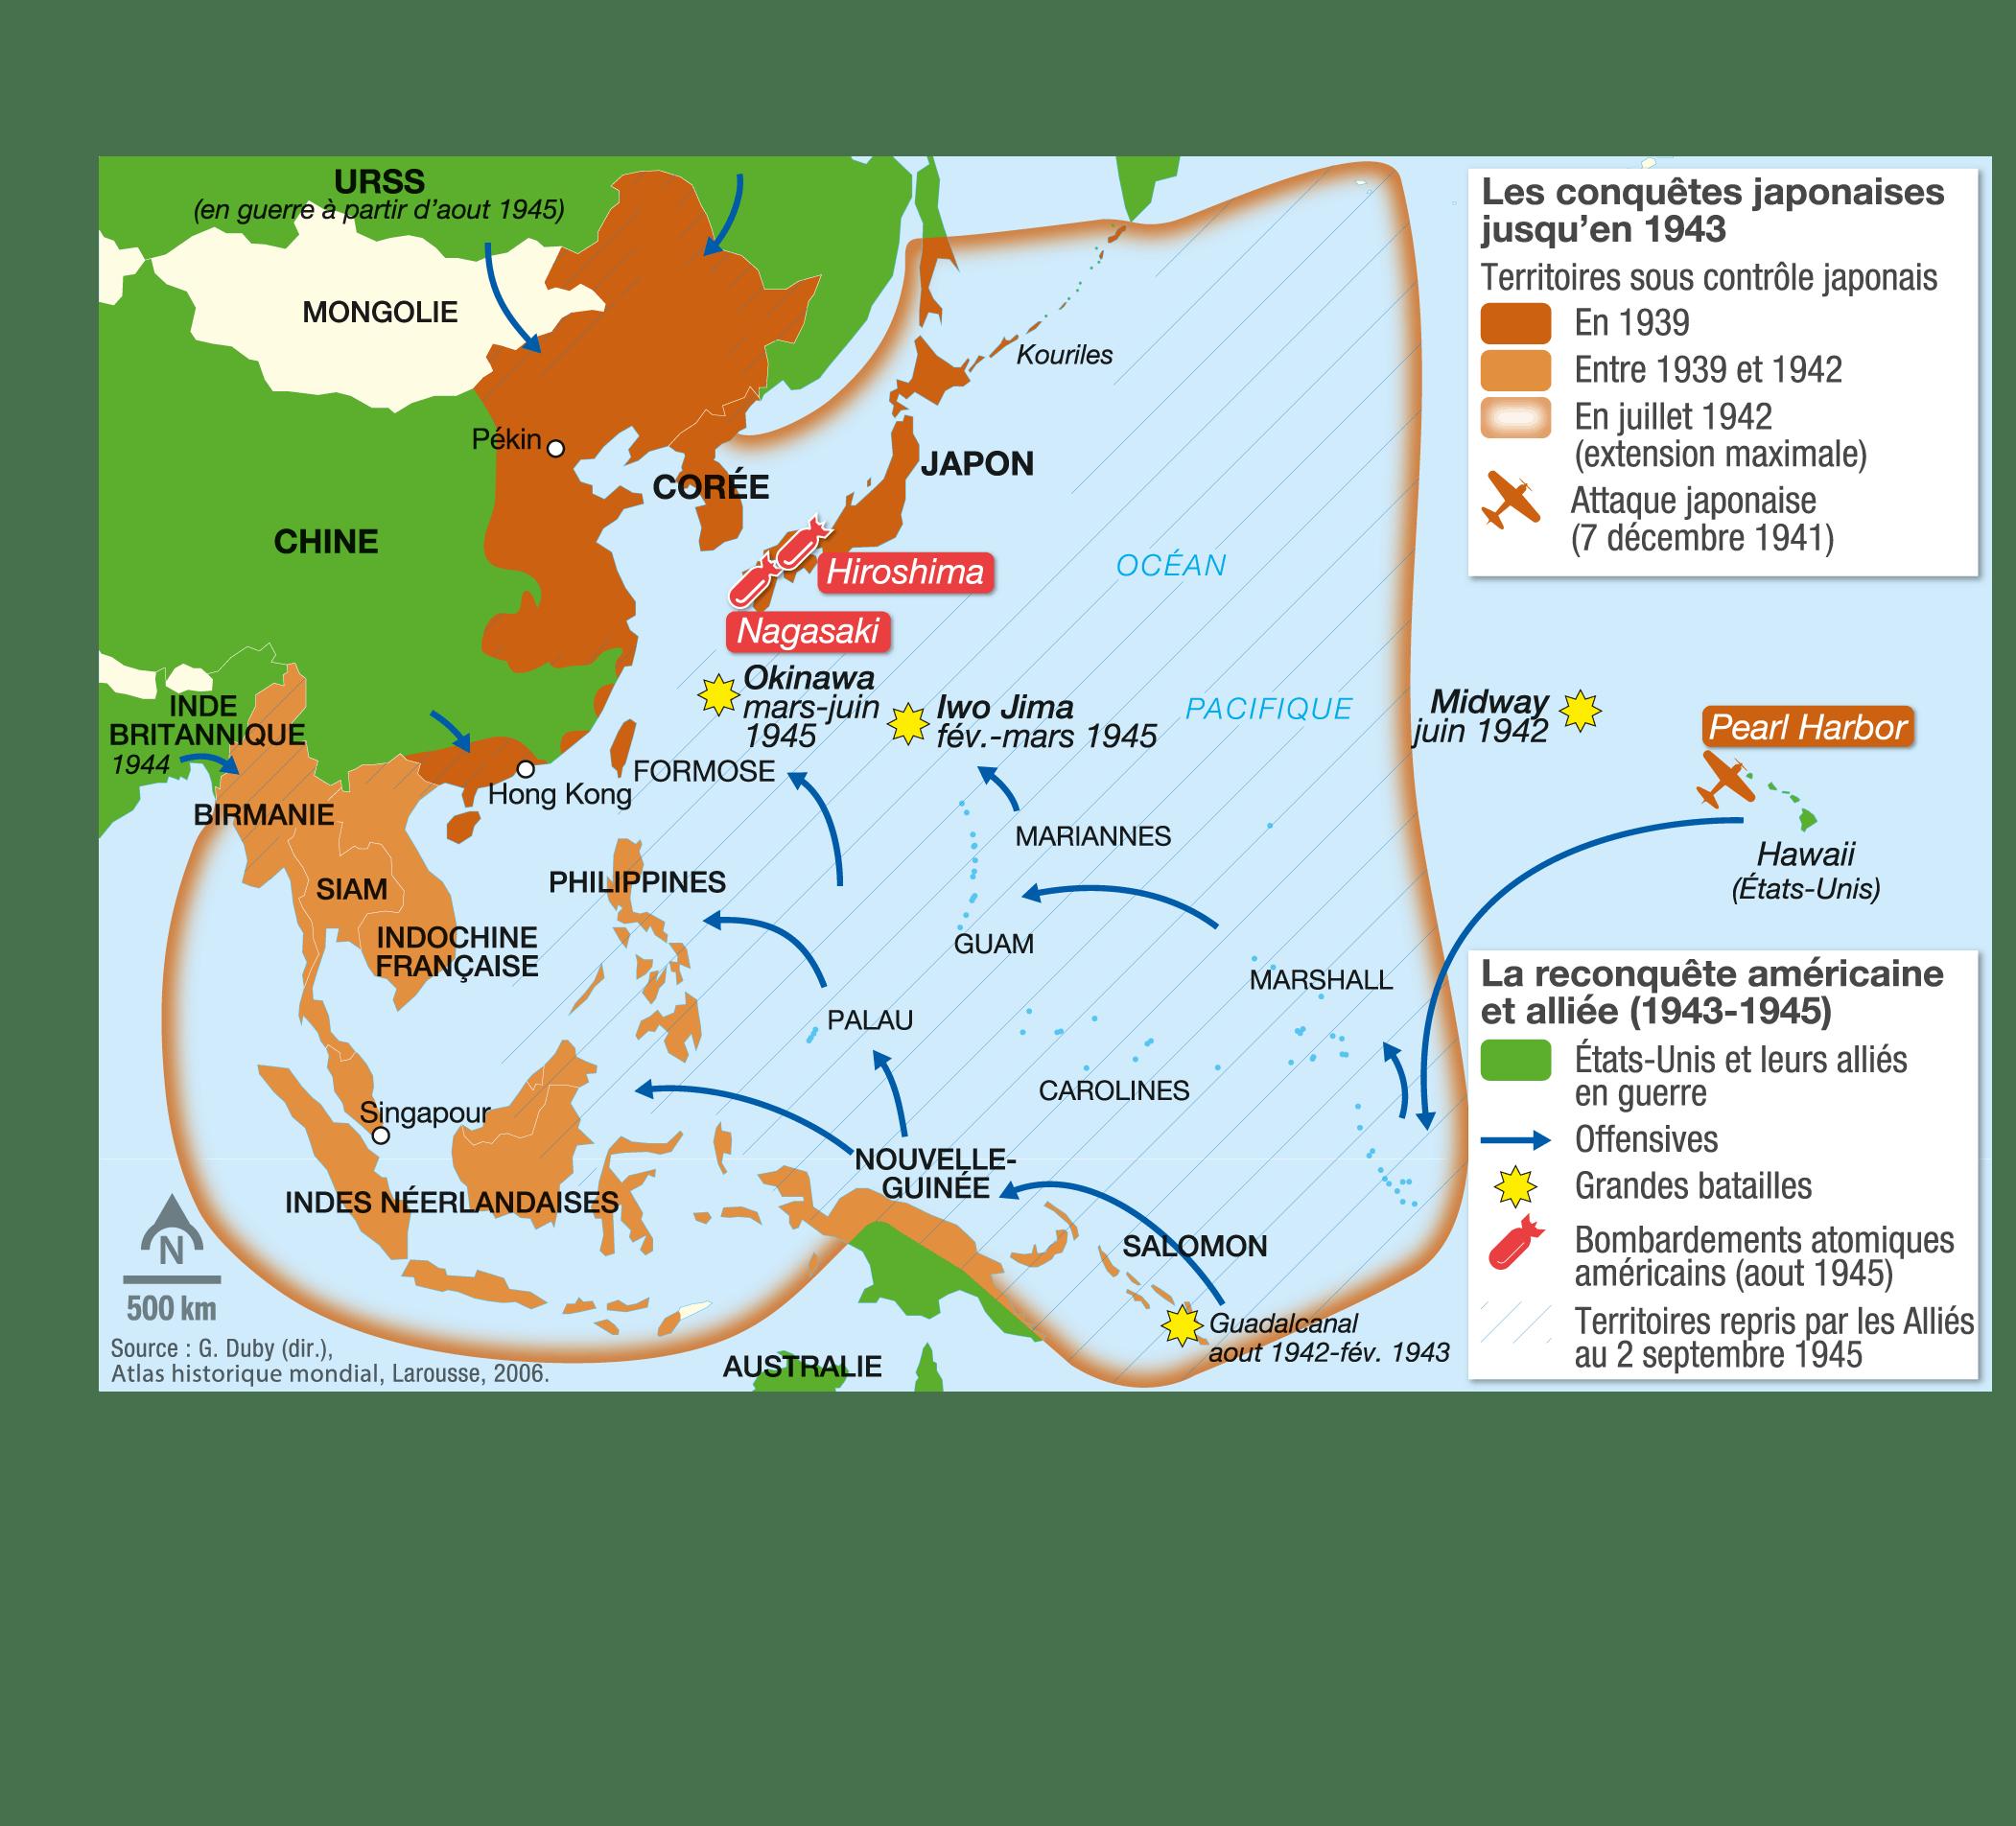 <stamp theme='his-green2'>Doc. 3</stamp> La guerre en Asie-Pacifique (1941-1945)